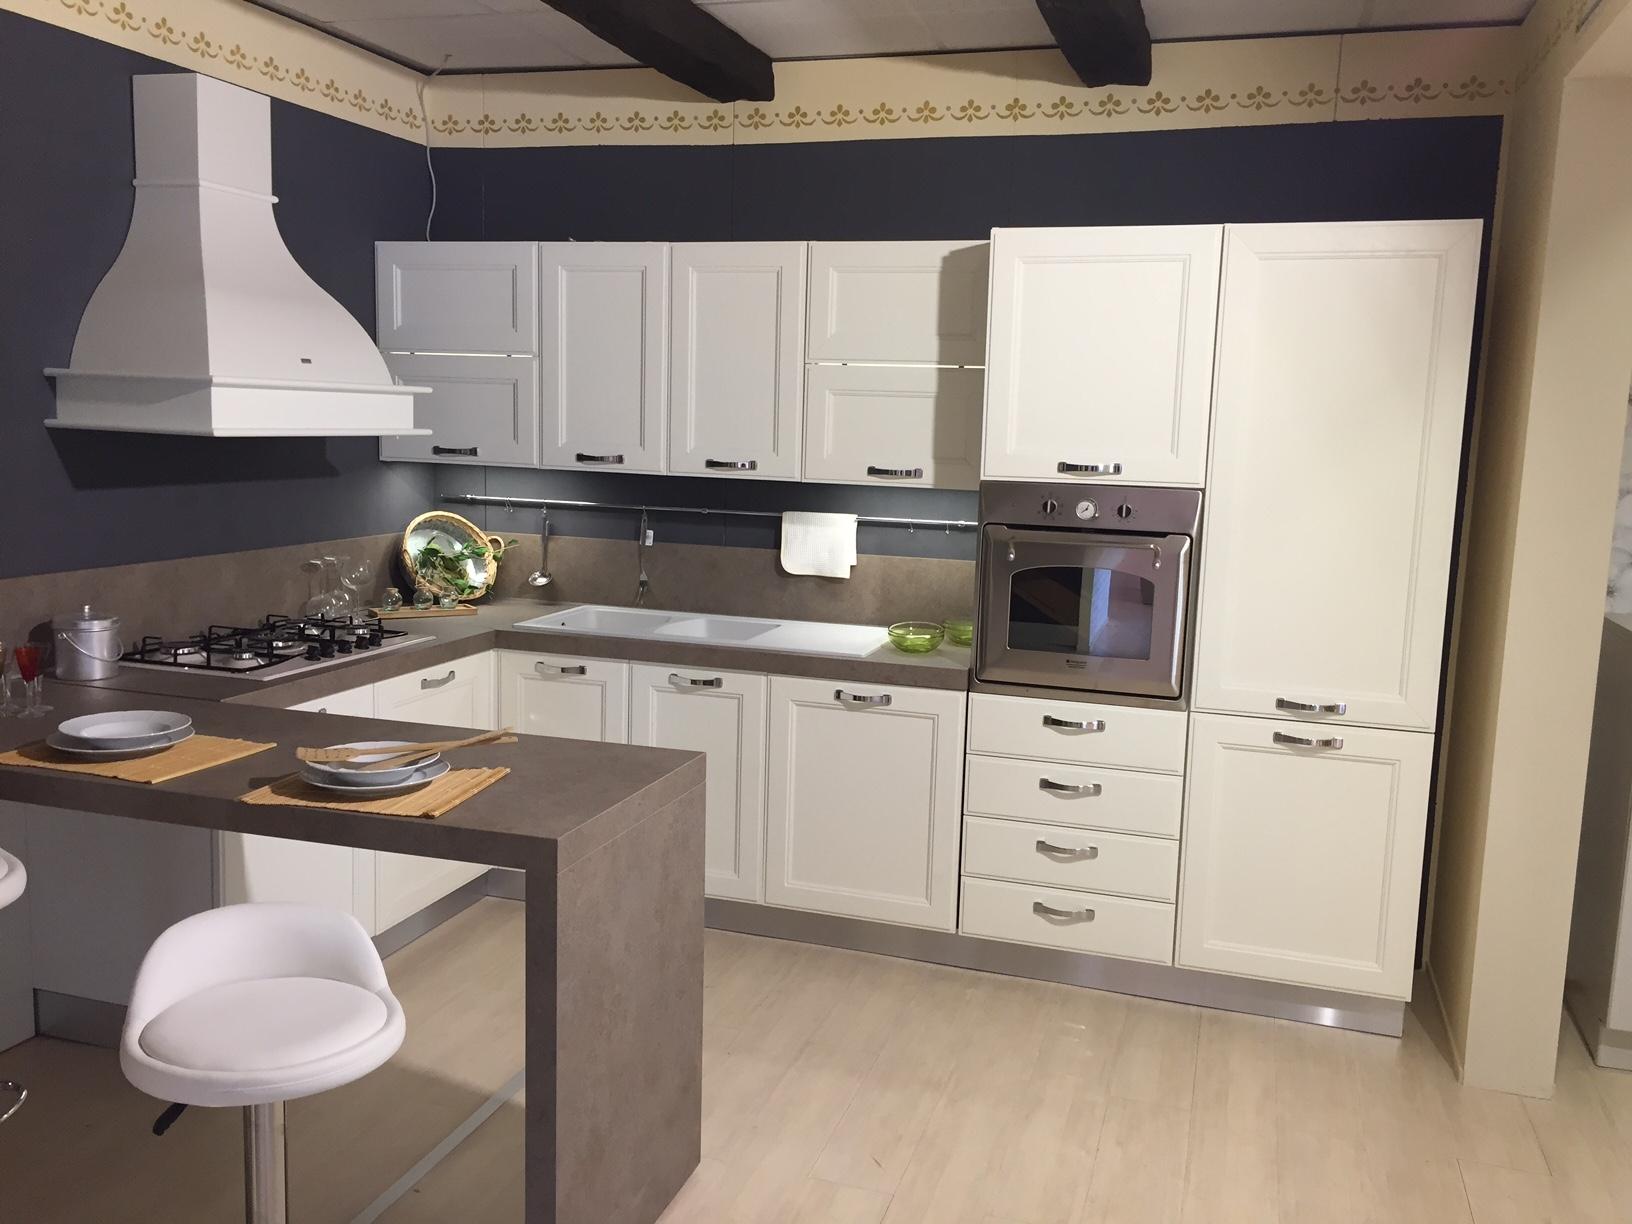 Cucina con penisola di ged cucine modello kate scontata - Cucina con penisola centrale ...